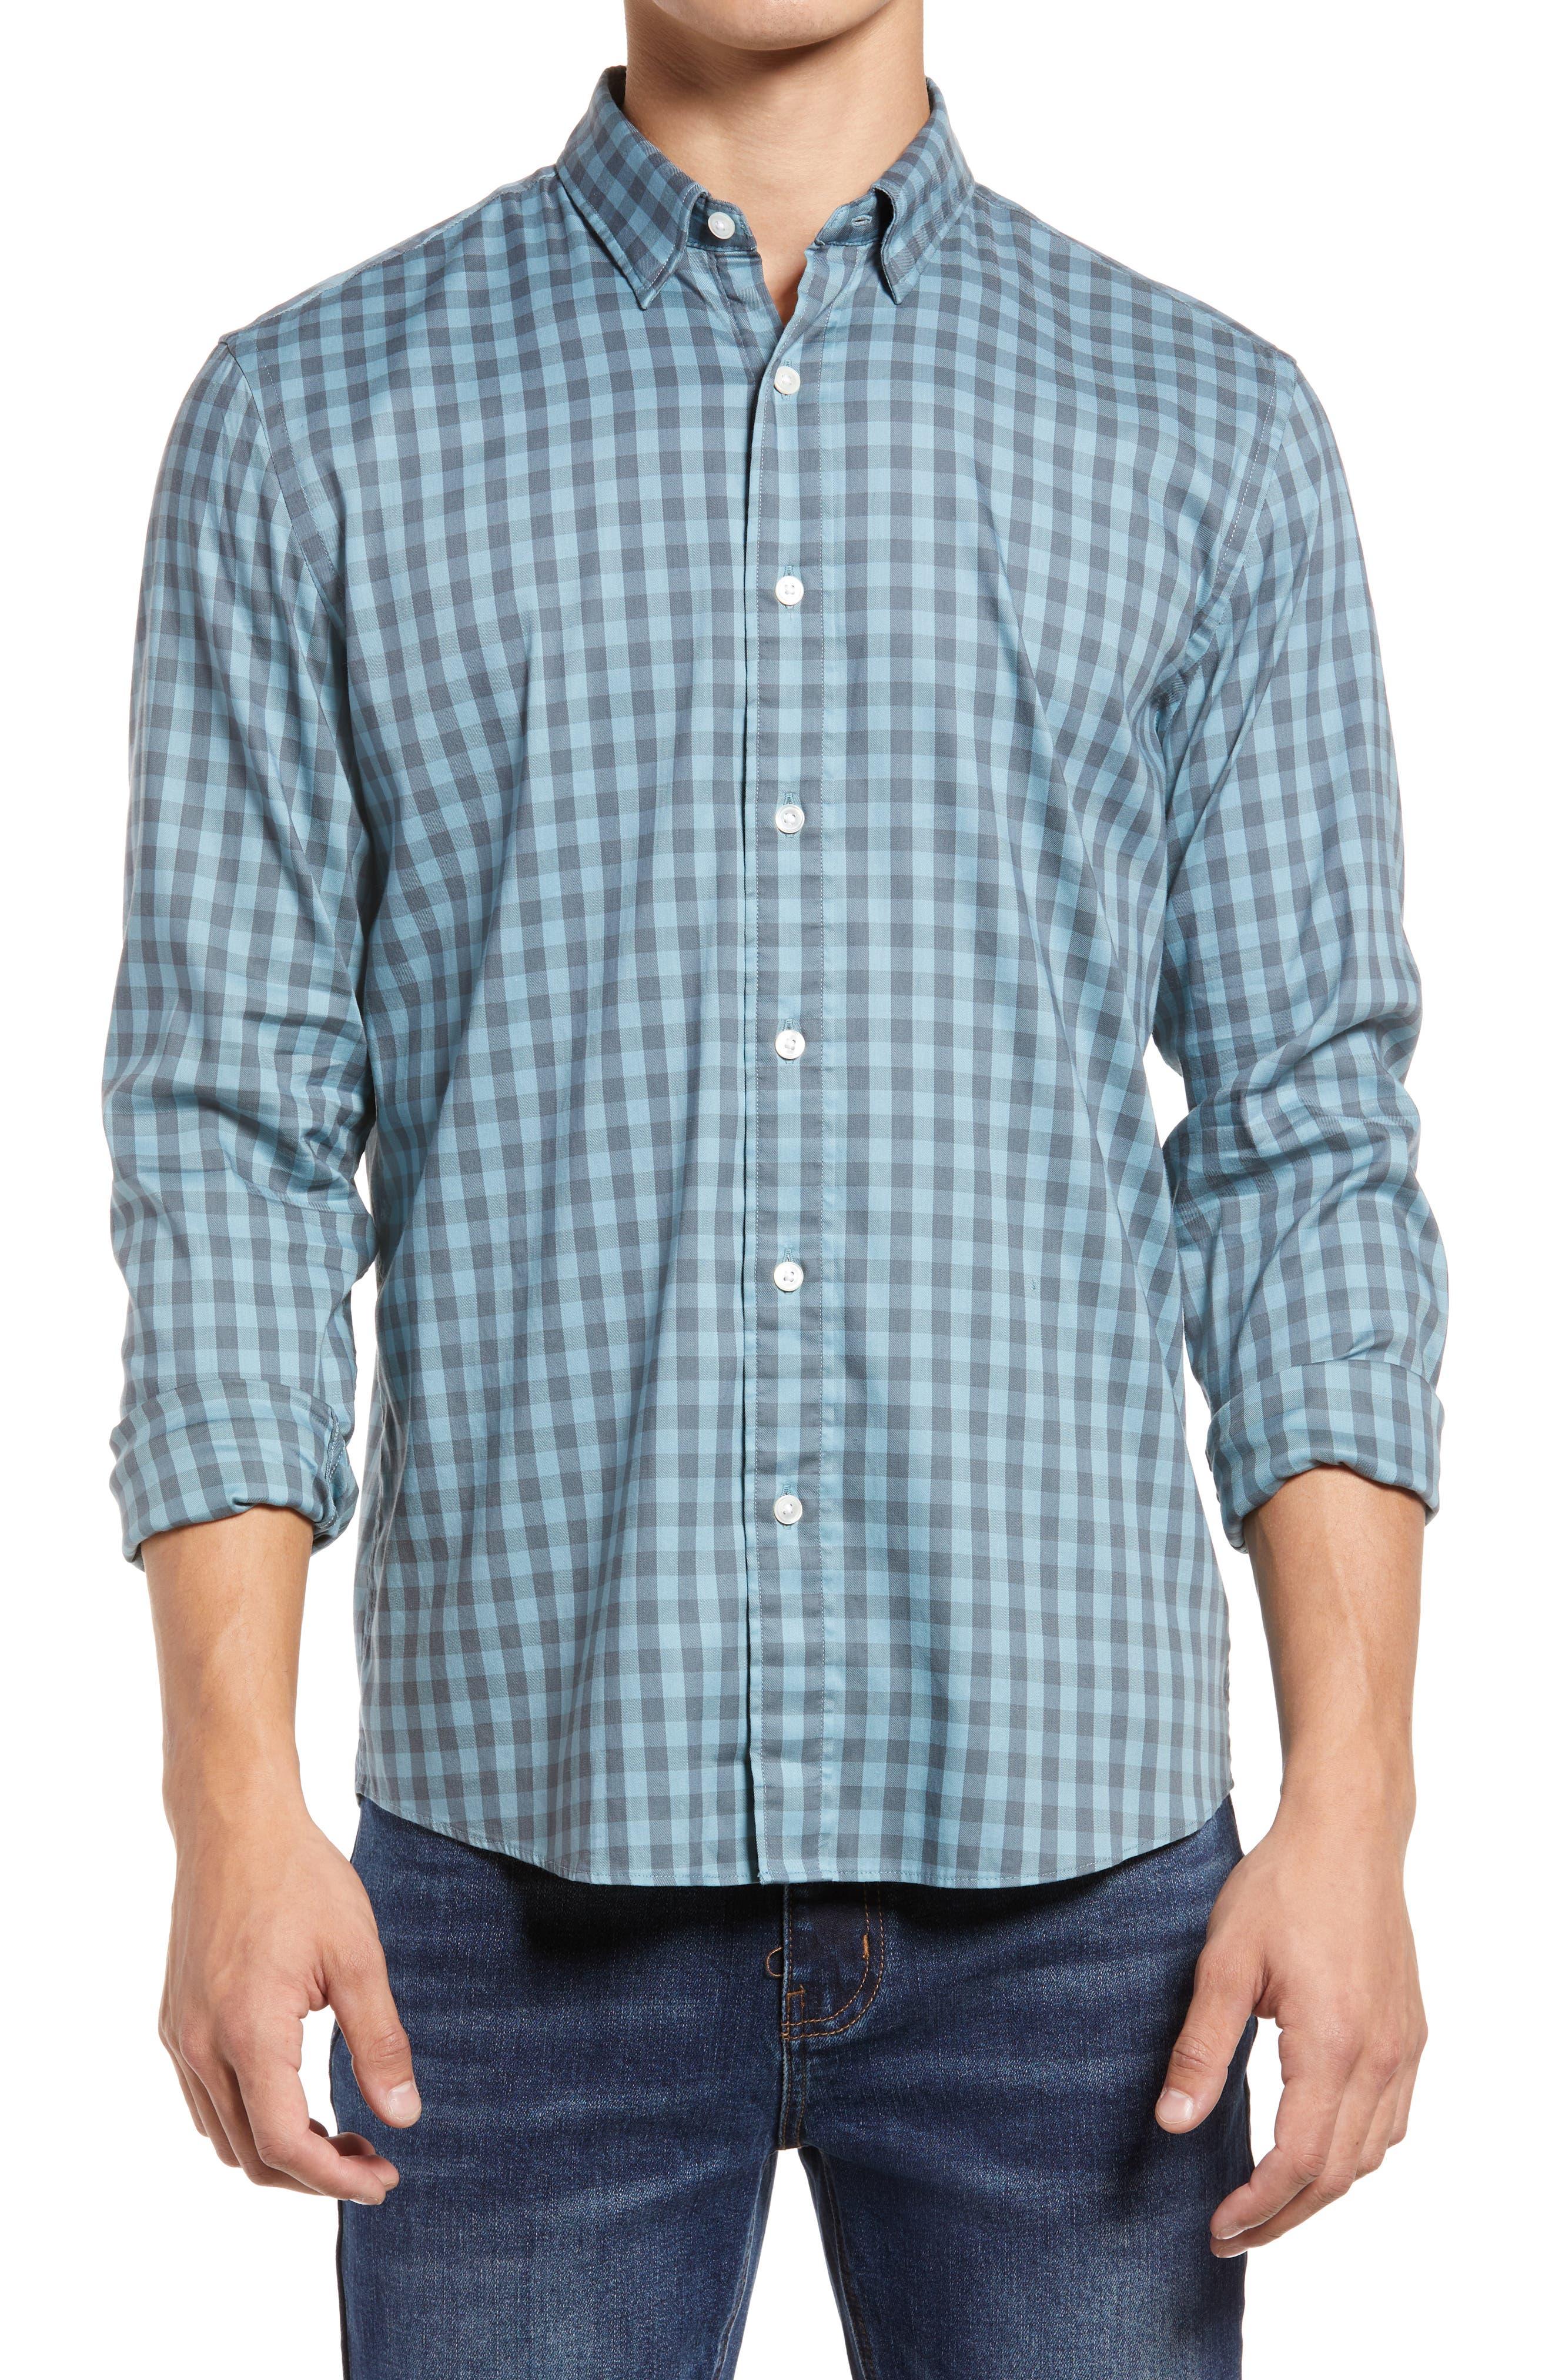 Movement Button-Up Shirt